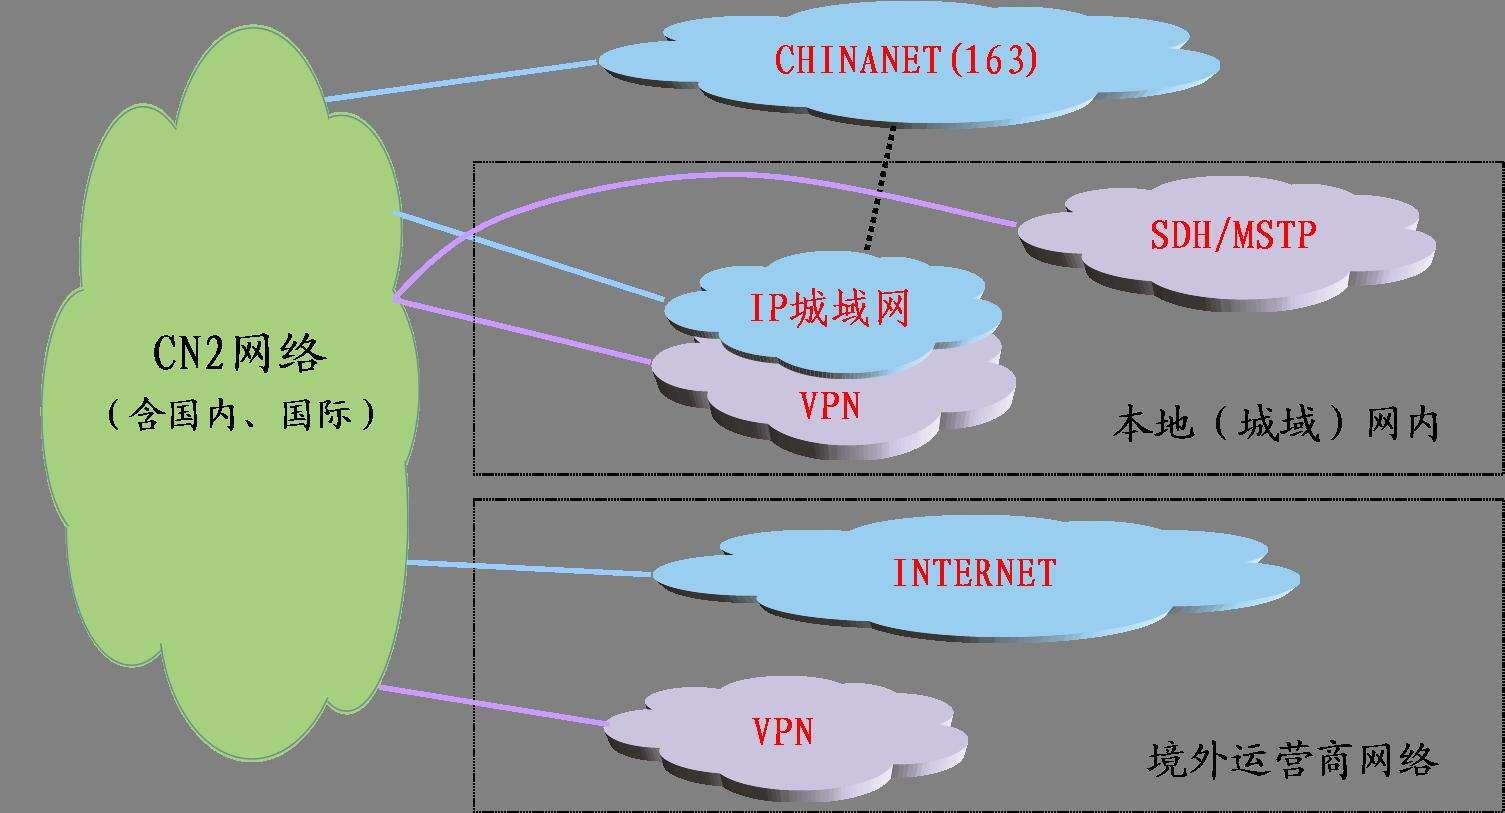 什么是联通/电信直连/CN2 GT/CN2 GIA/163骨干网/本土运营商